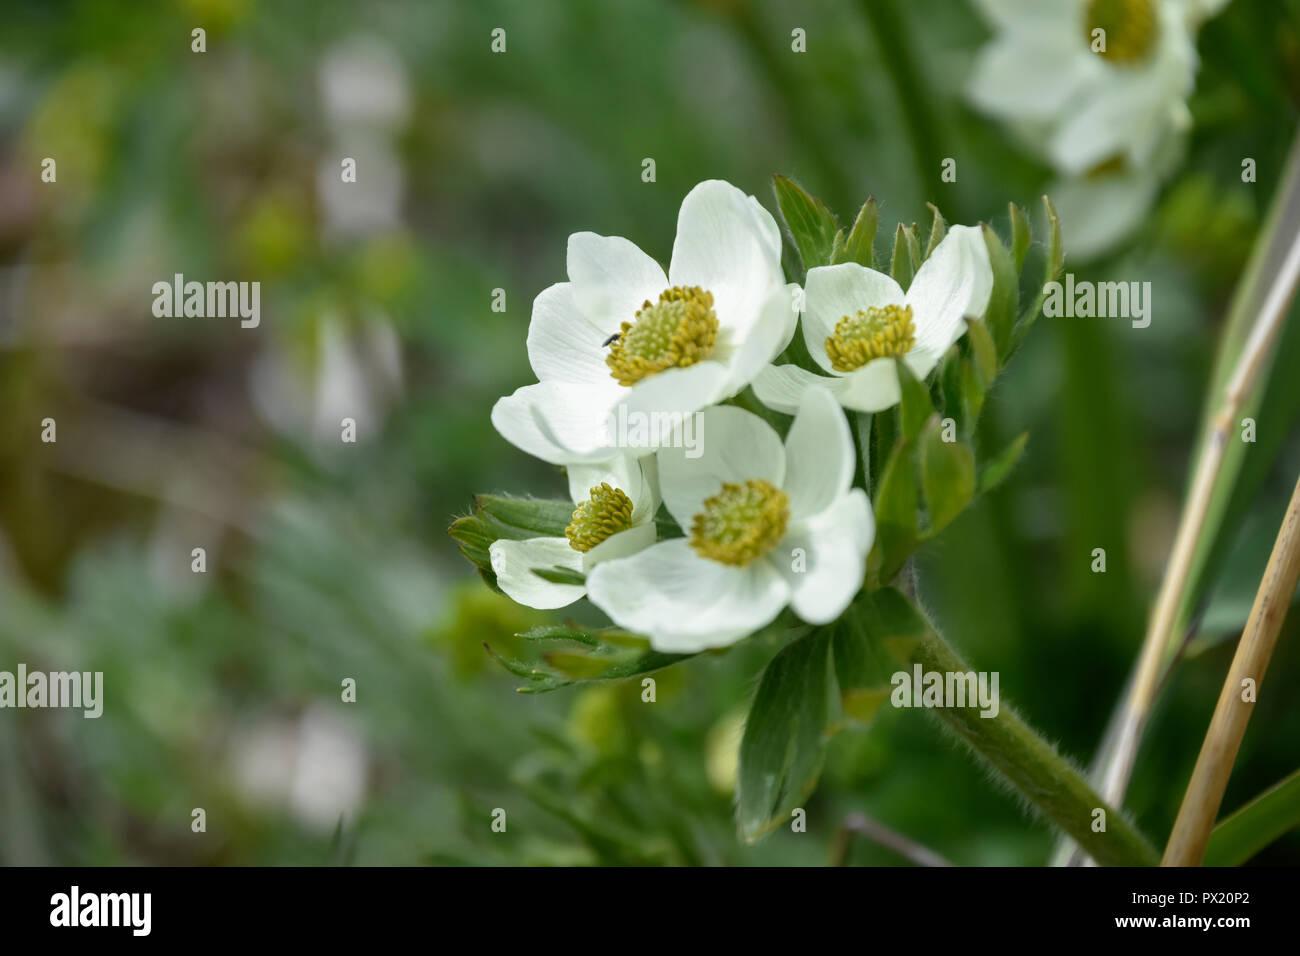 White flowers stock photo 222549994 alamy white flowers mightylinksfo